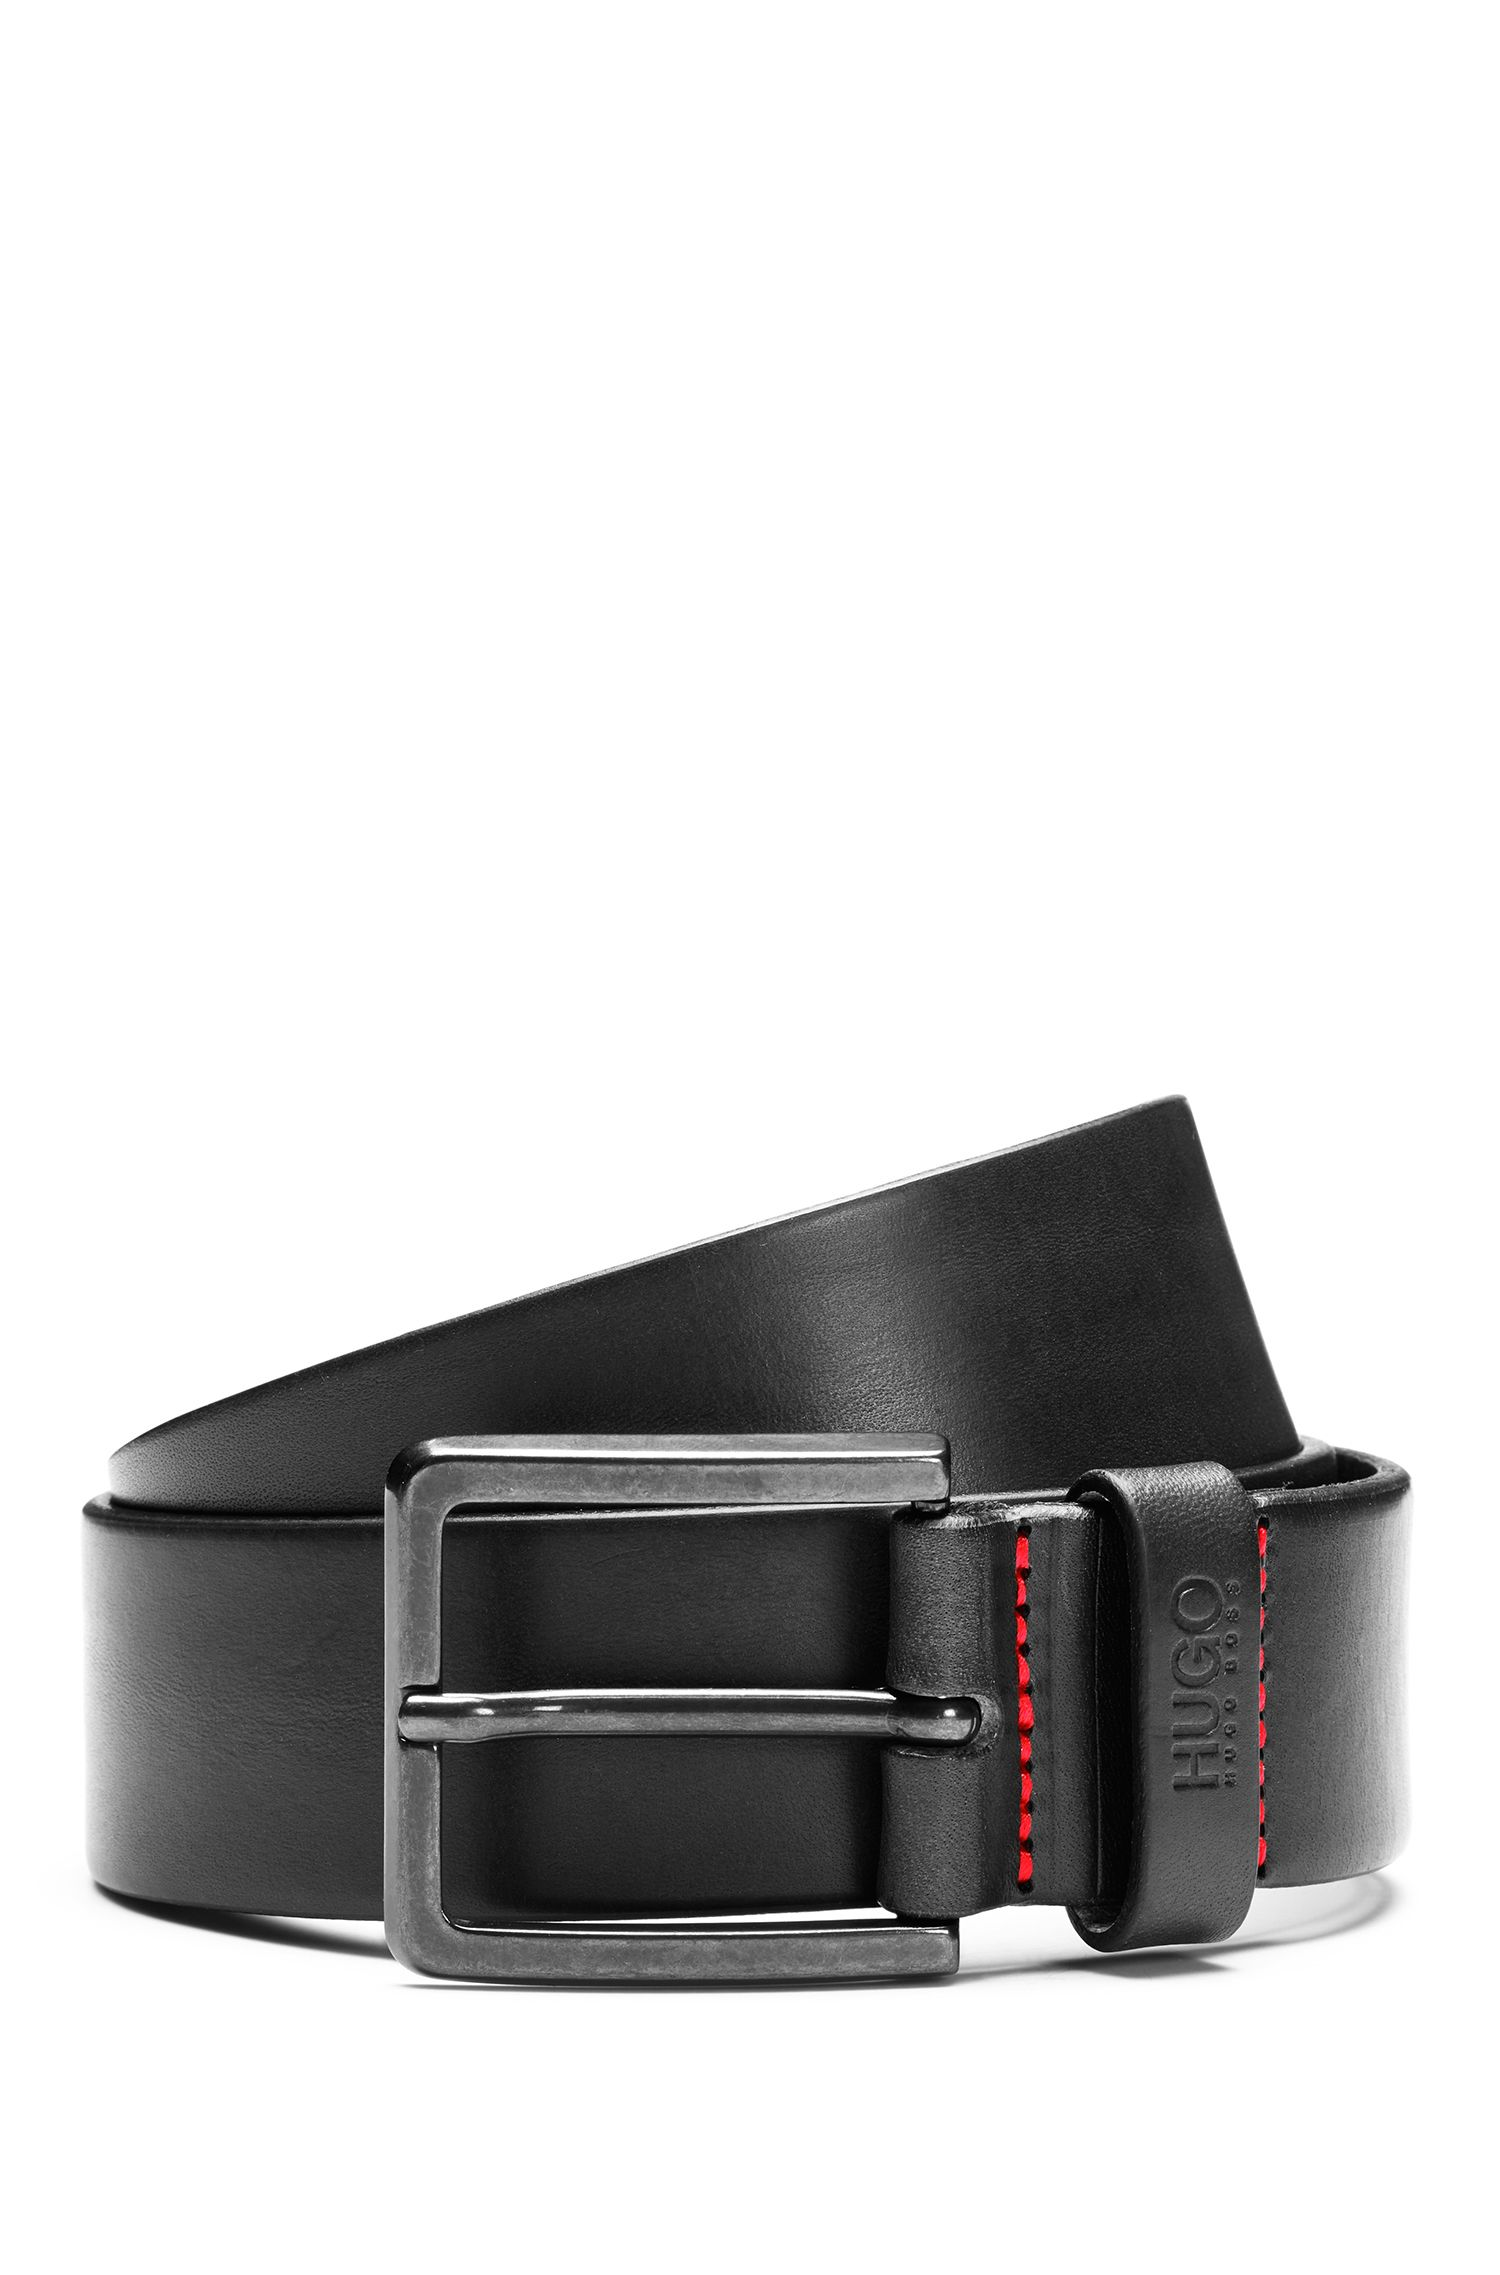 Cintura in pelle con dettagli in metallo color canna di fucile opaco